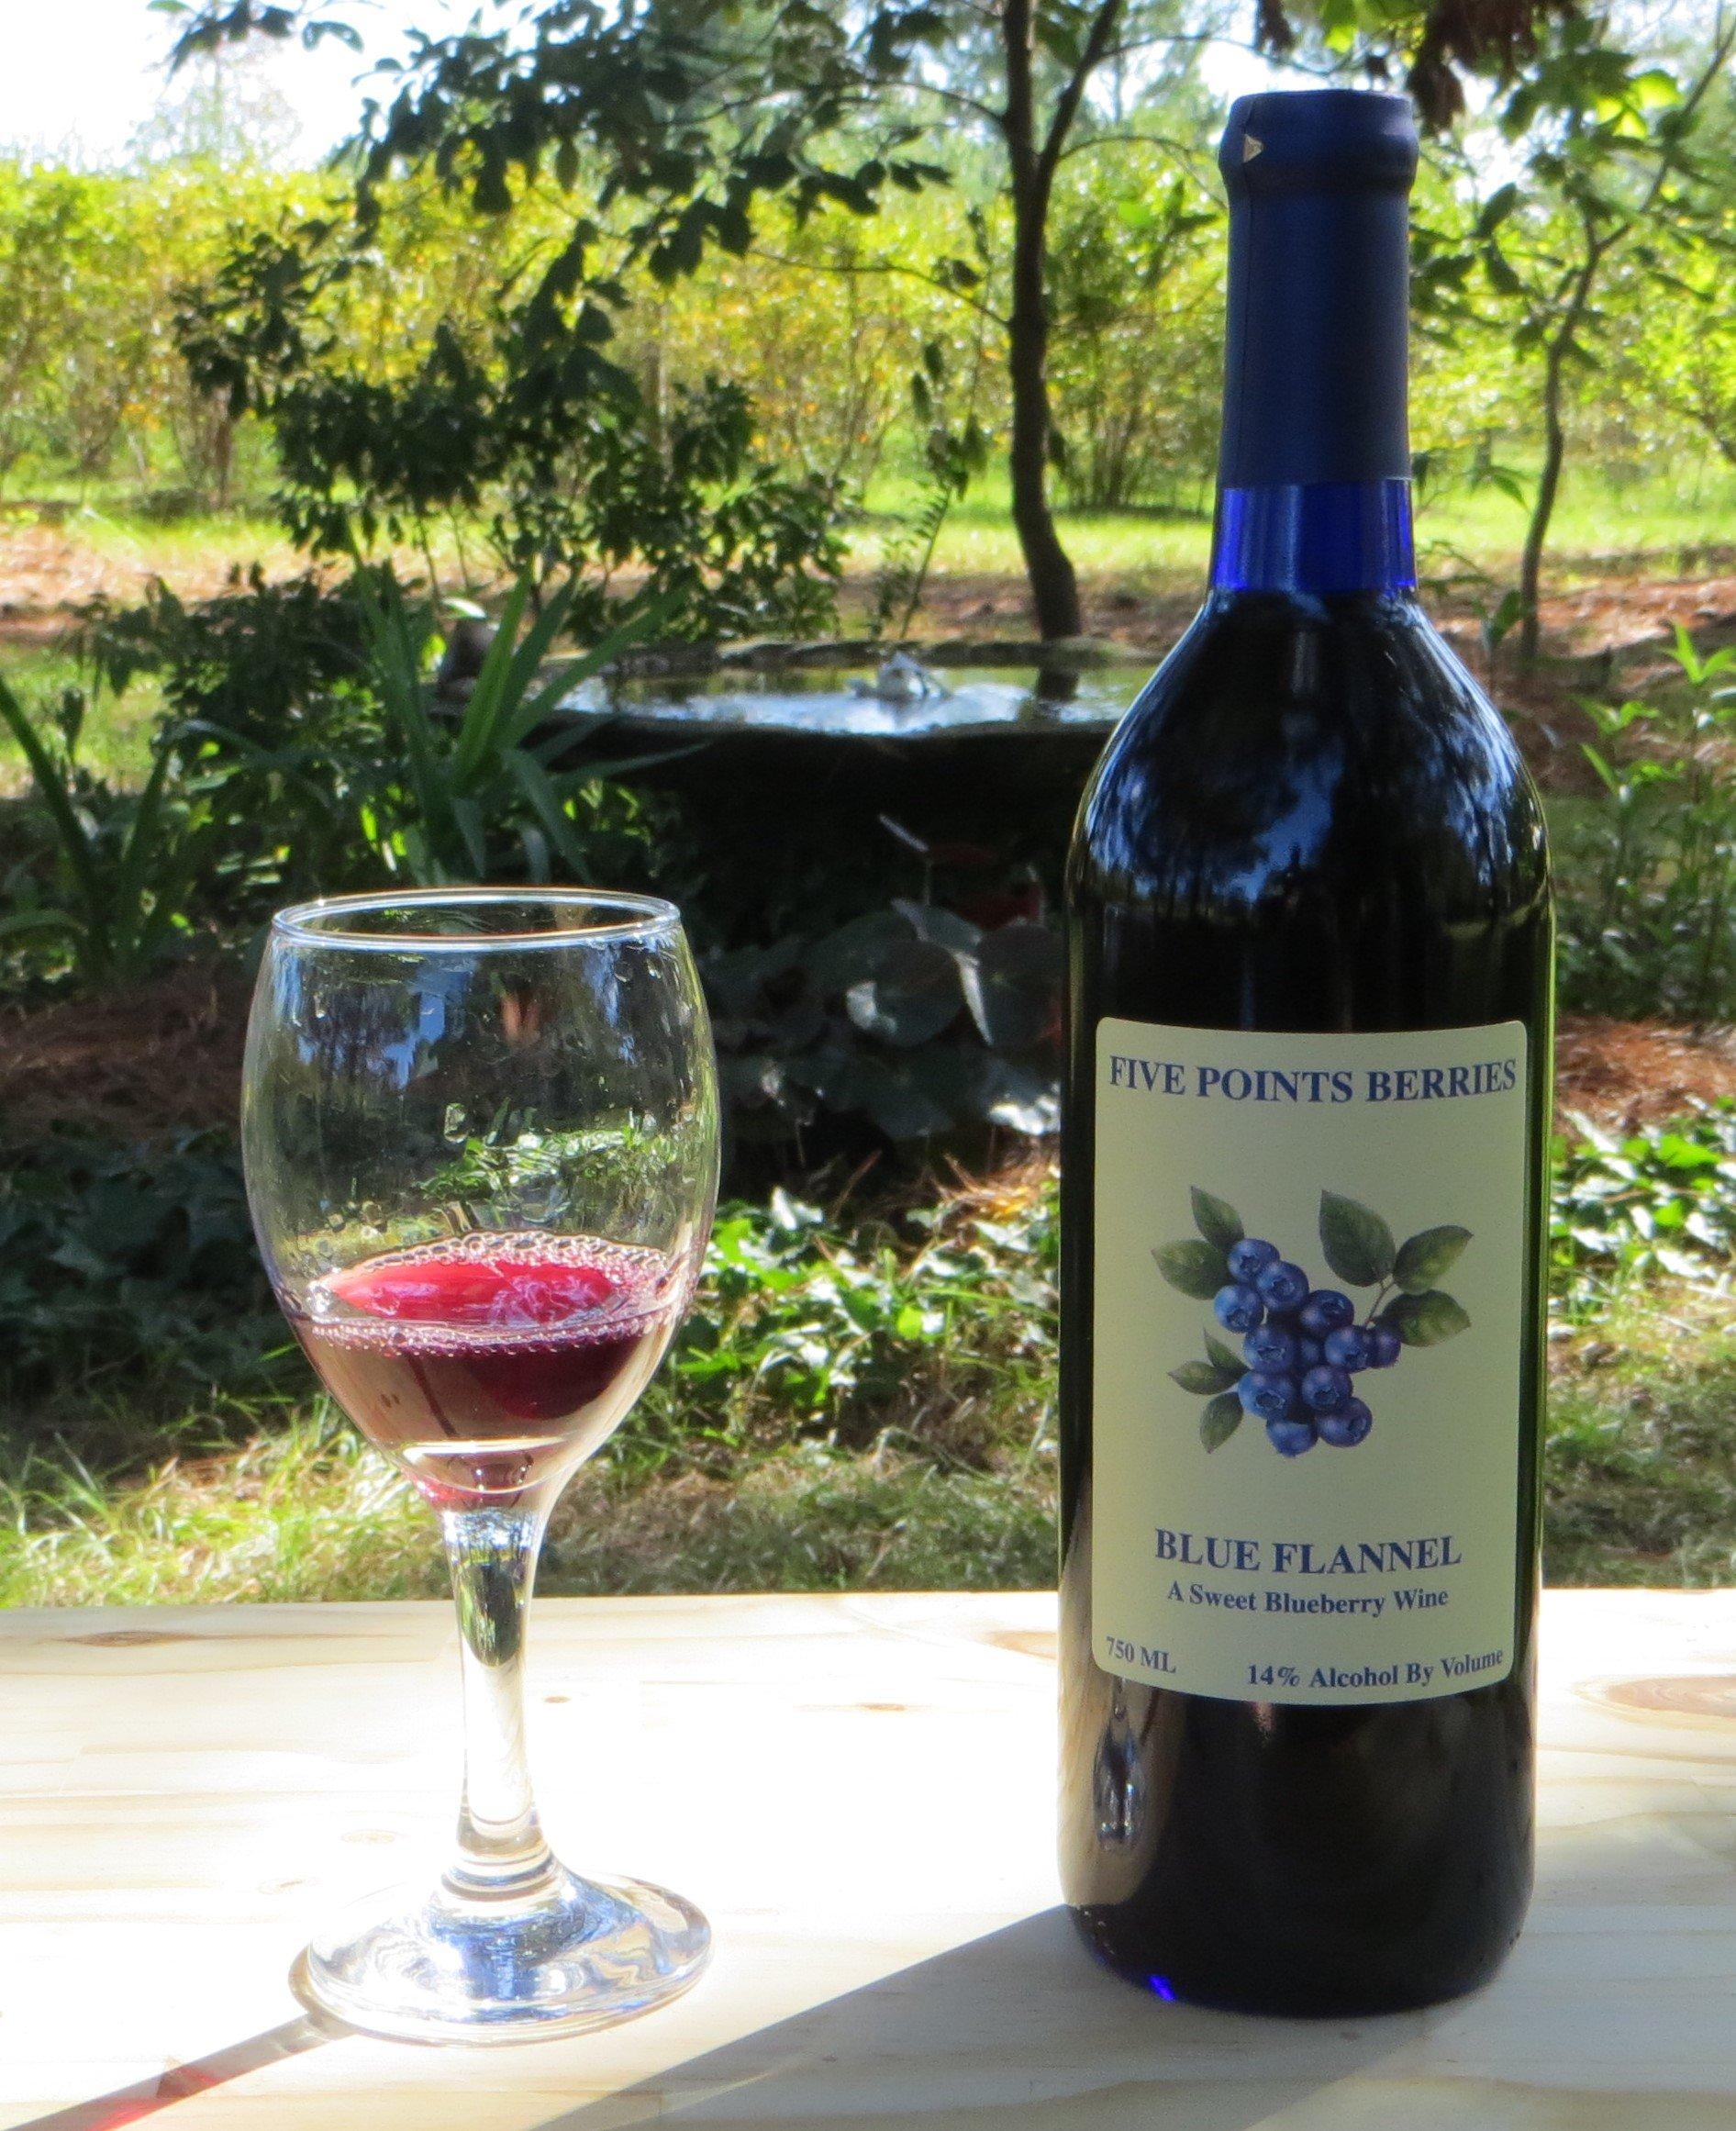 Blue Flannel Wine Bottle